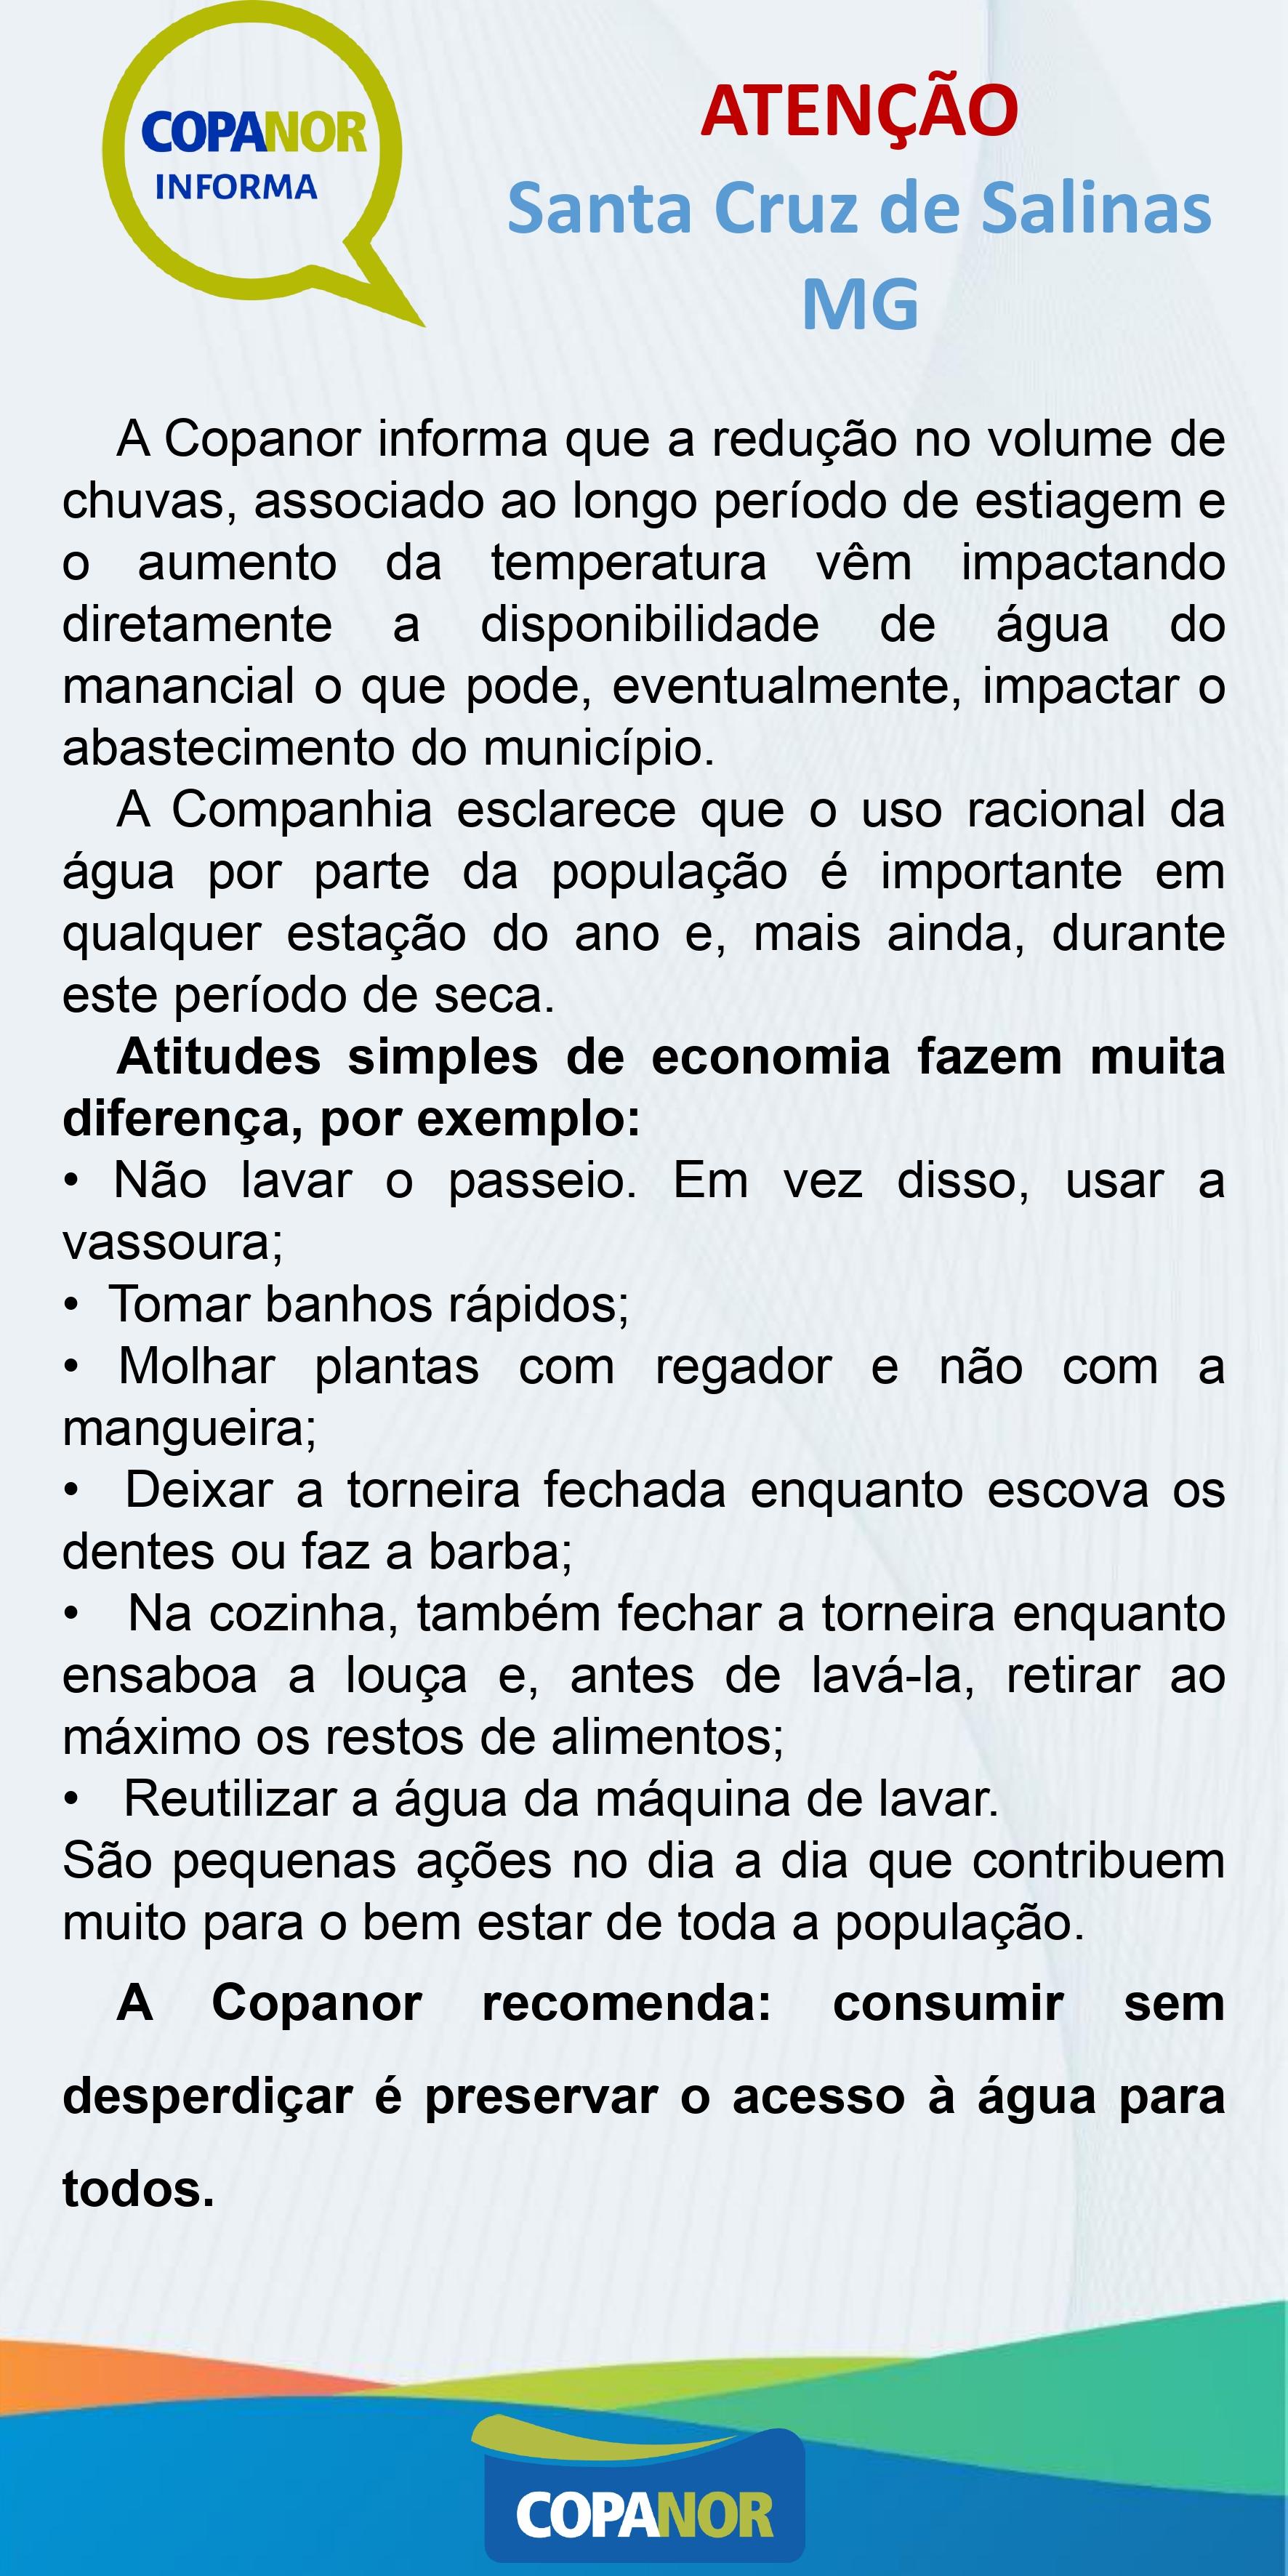 ATENÇÃO - INFORMATIVO COPANOR